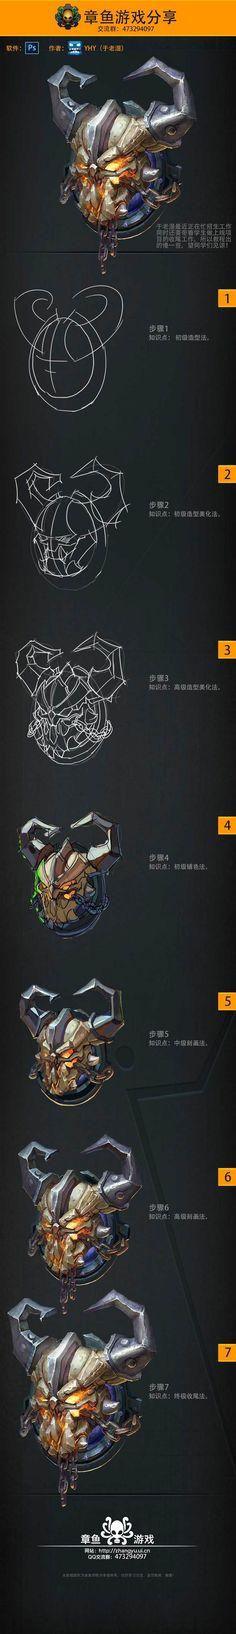 手游教程—写实徽章图标(4期) |GAM...